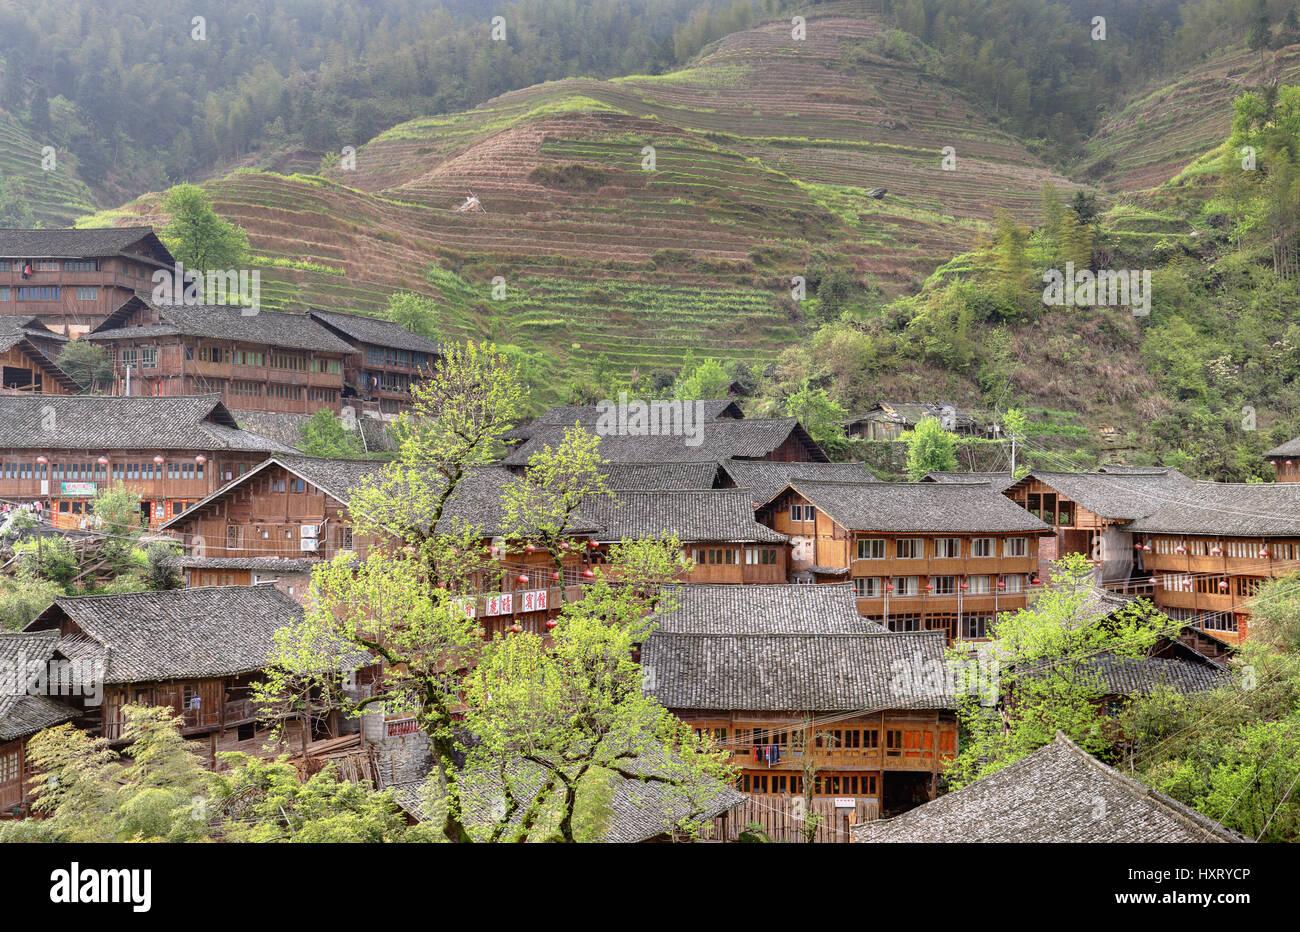 Village Pingan, Province du Guangxi, Chine - 5 Avril 2010: l'Asie de l'Est, dans les paysages montagneux Photo Stock